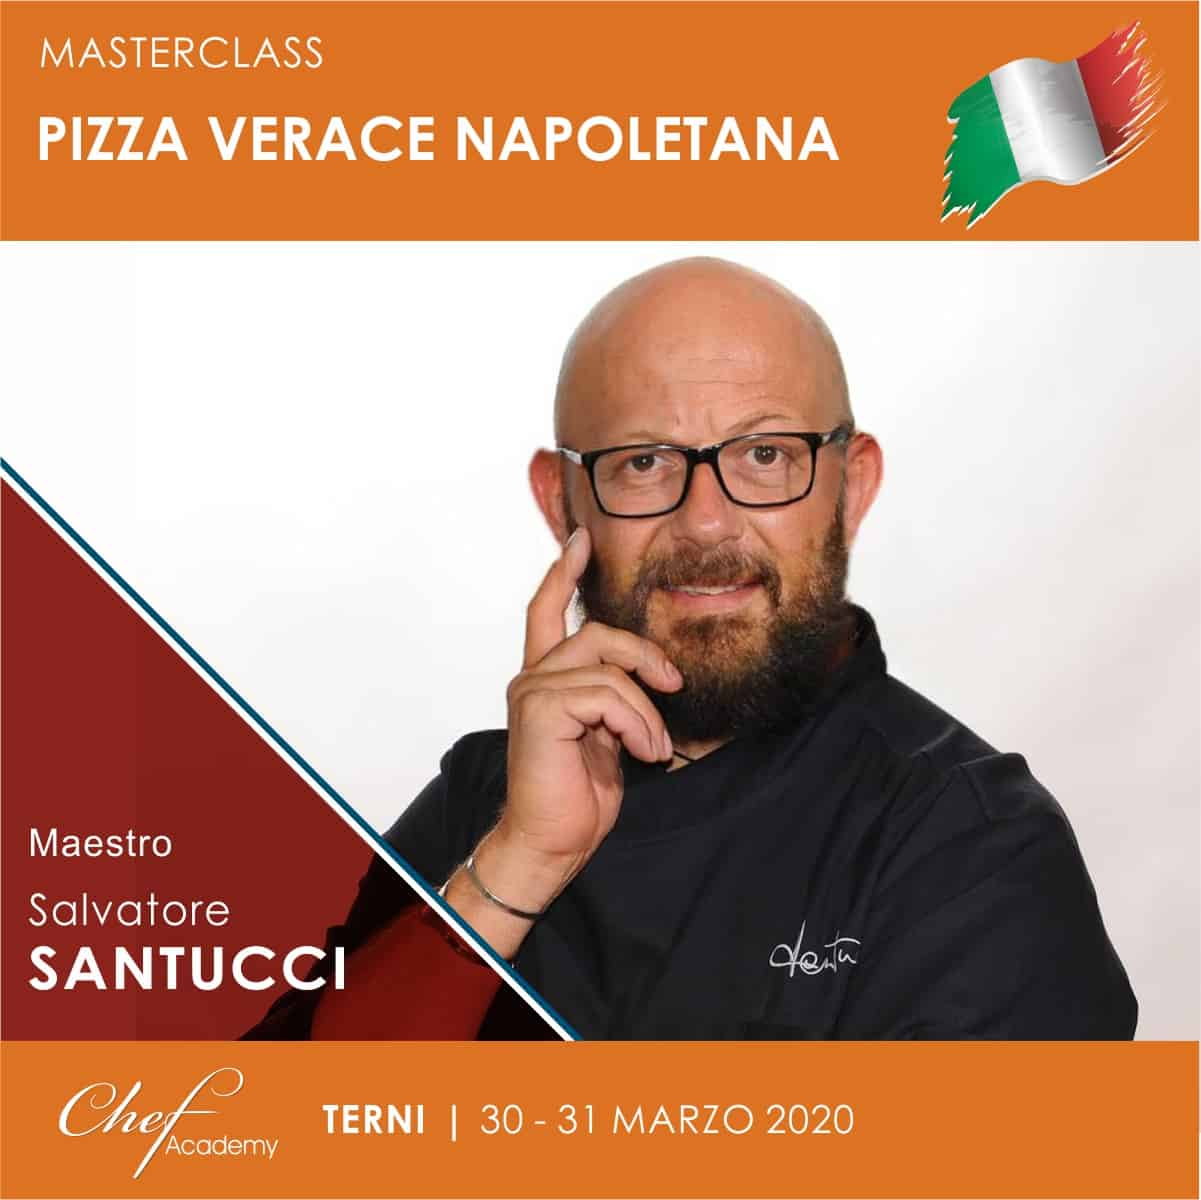 """MasterClass Pratica """"La pizza Verace Napoletana"""" secondo il Maestro Santucci"""